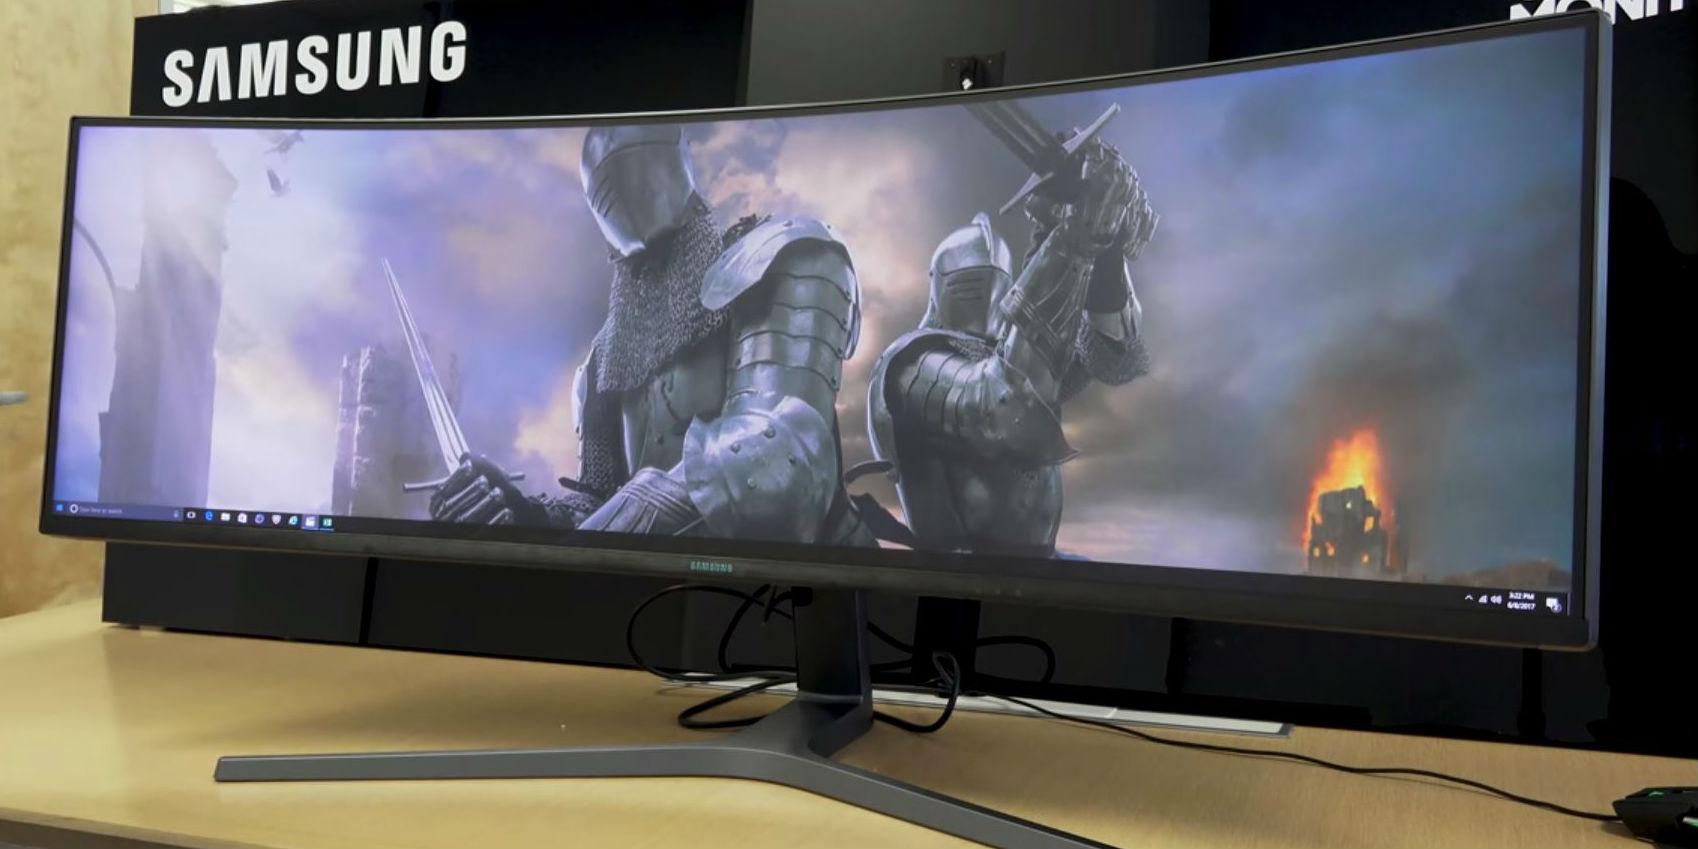 большие и широкие мониторы для компьютера